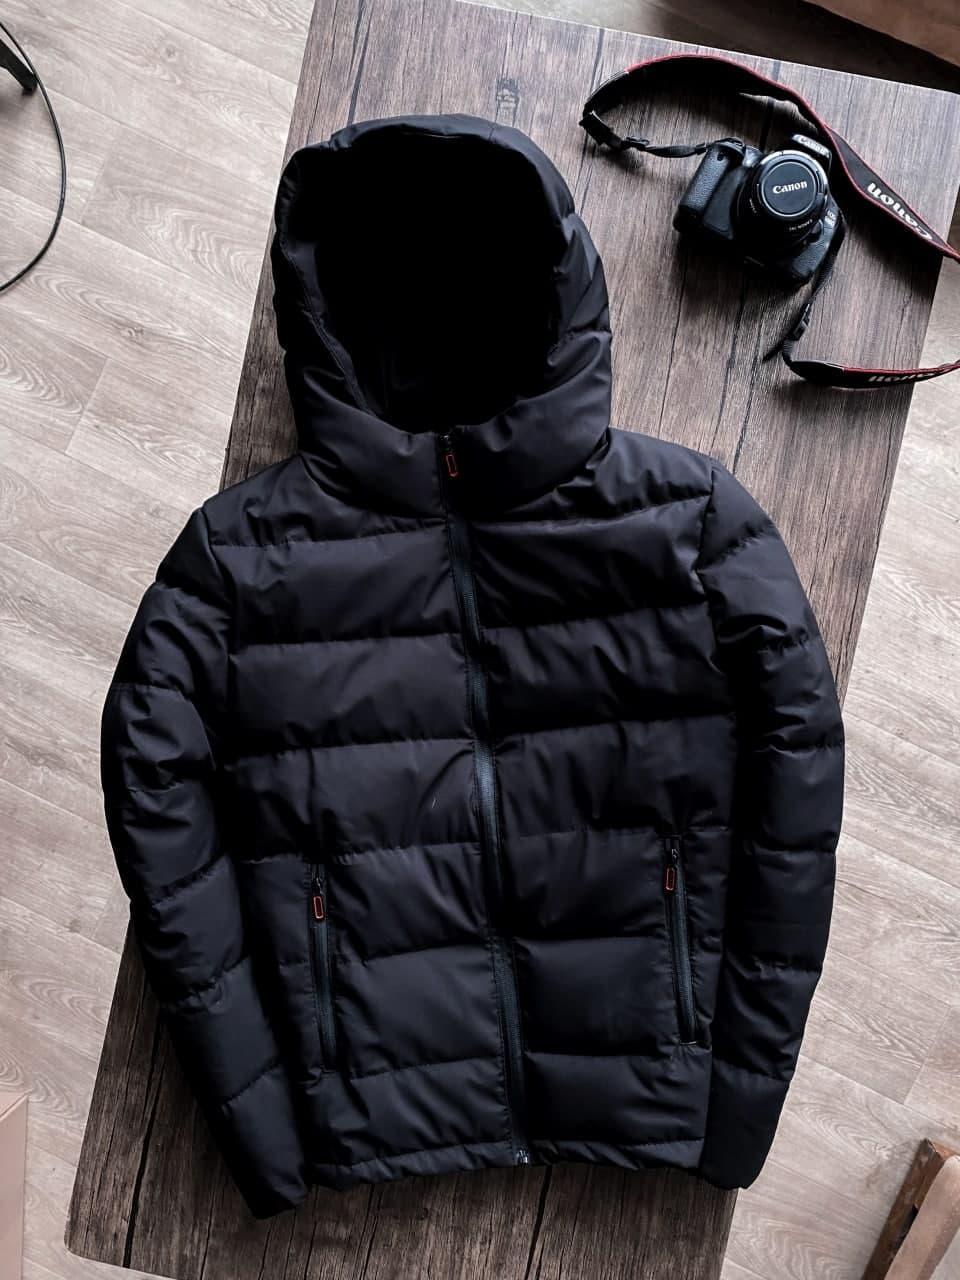 Куртка чоловіча на блискавці з капюшоном чорна. Стильна чоловіча базова вітровка чорного кольору.